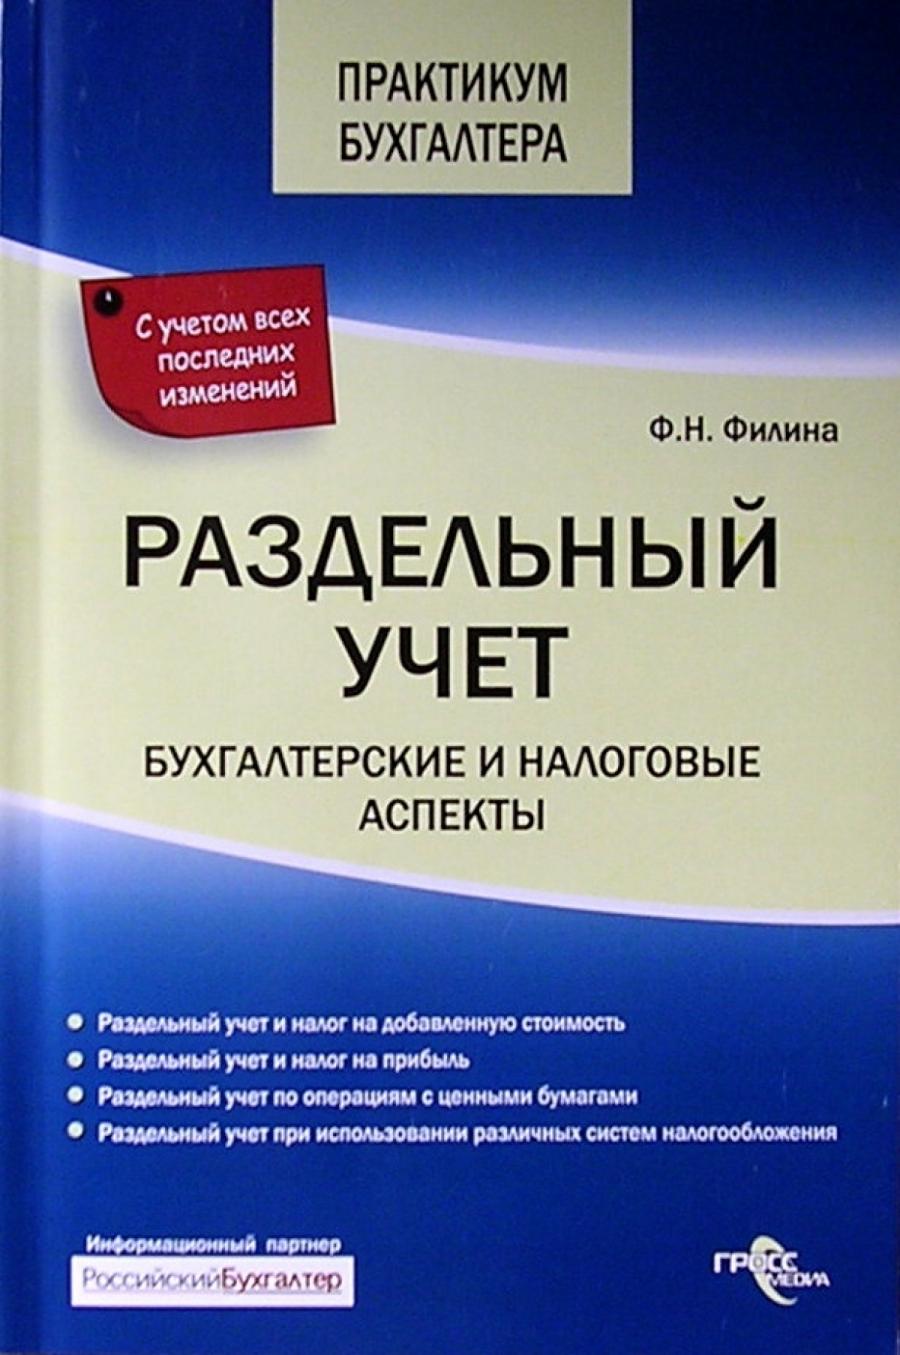 Обложка книги:  филина ф.н. - раздельный учет. бухгалтерские и налоговые аспекты